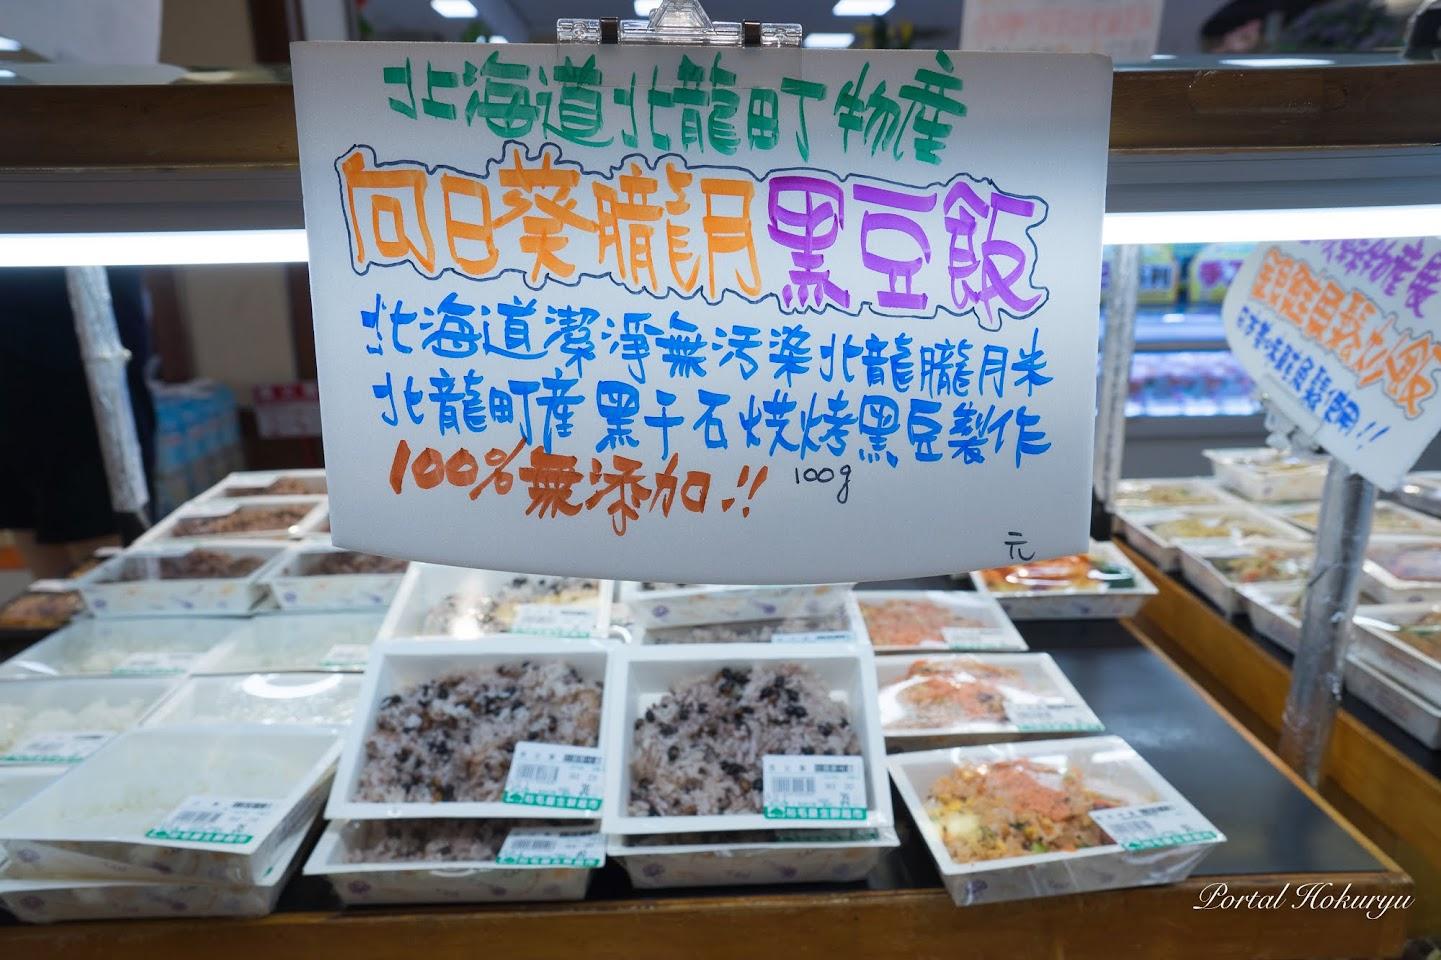 ひまわりライス「おぼろづき」・黒千石大豆を使った炊き込みご飯